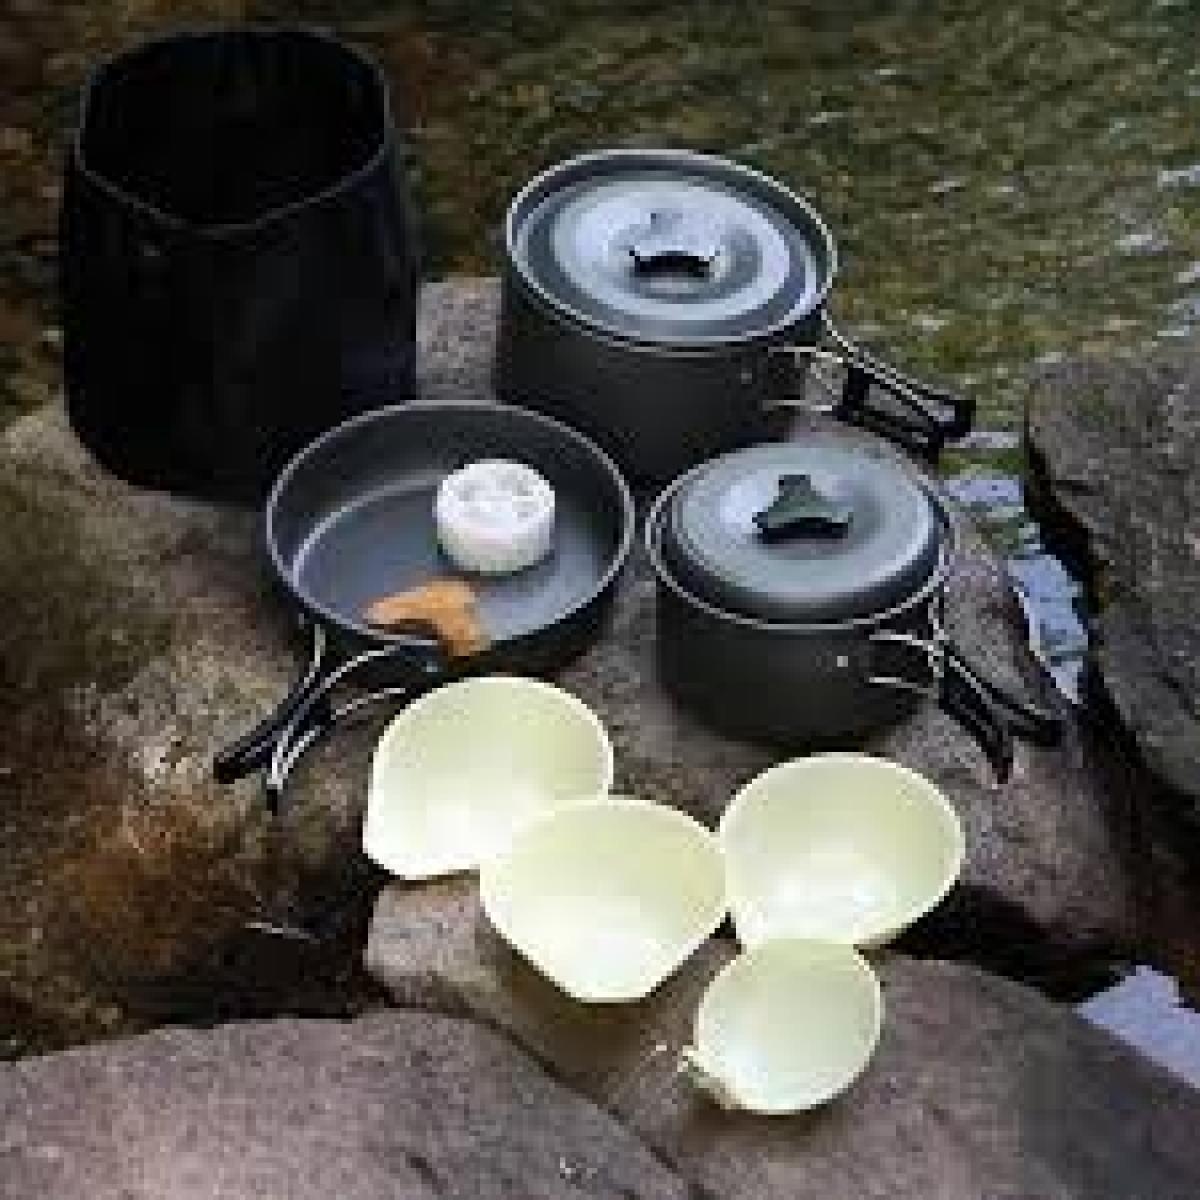 Sewa Rental Alat Camping Hikking Tenda Sb Kompor Semarang Eiger Cooking Set Ds 301